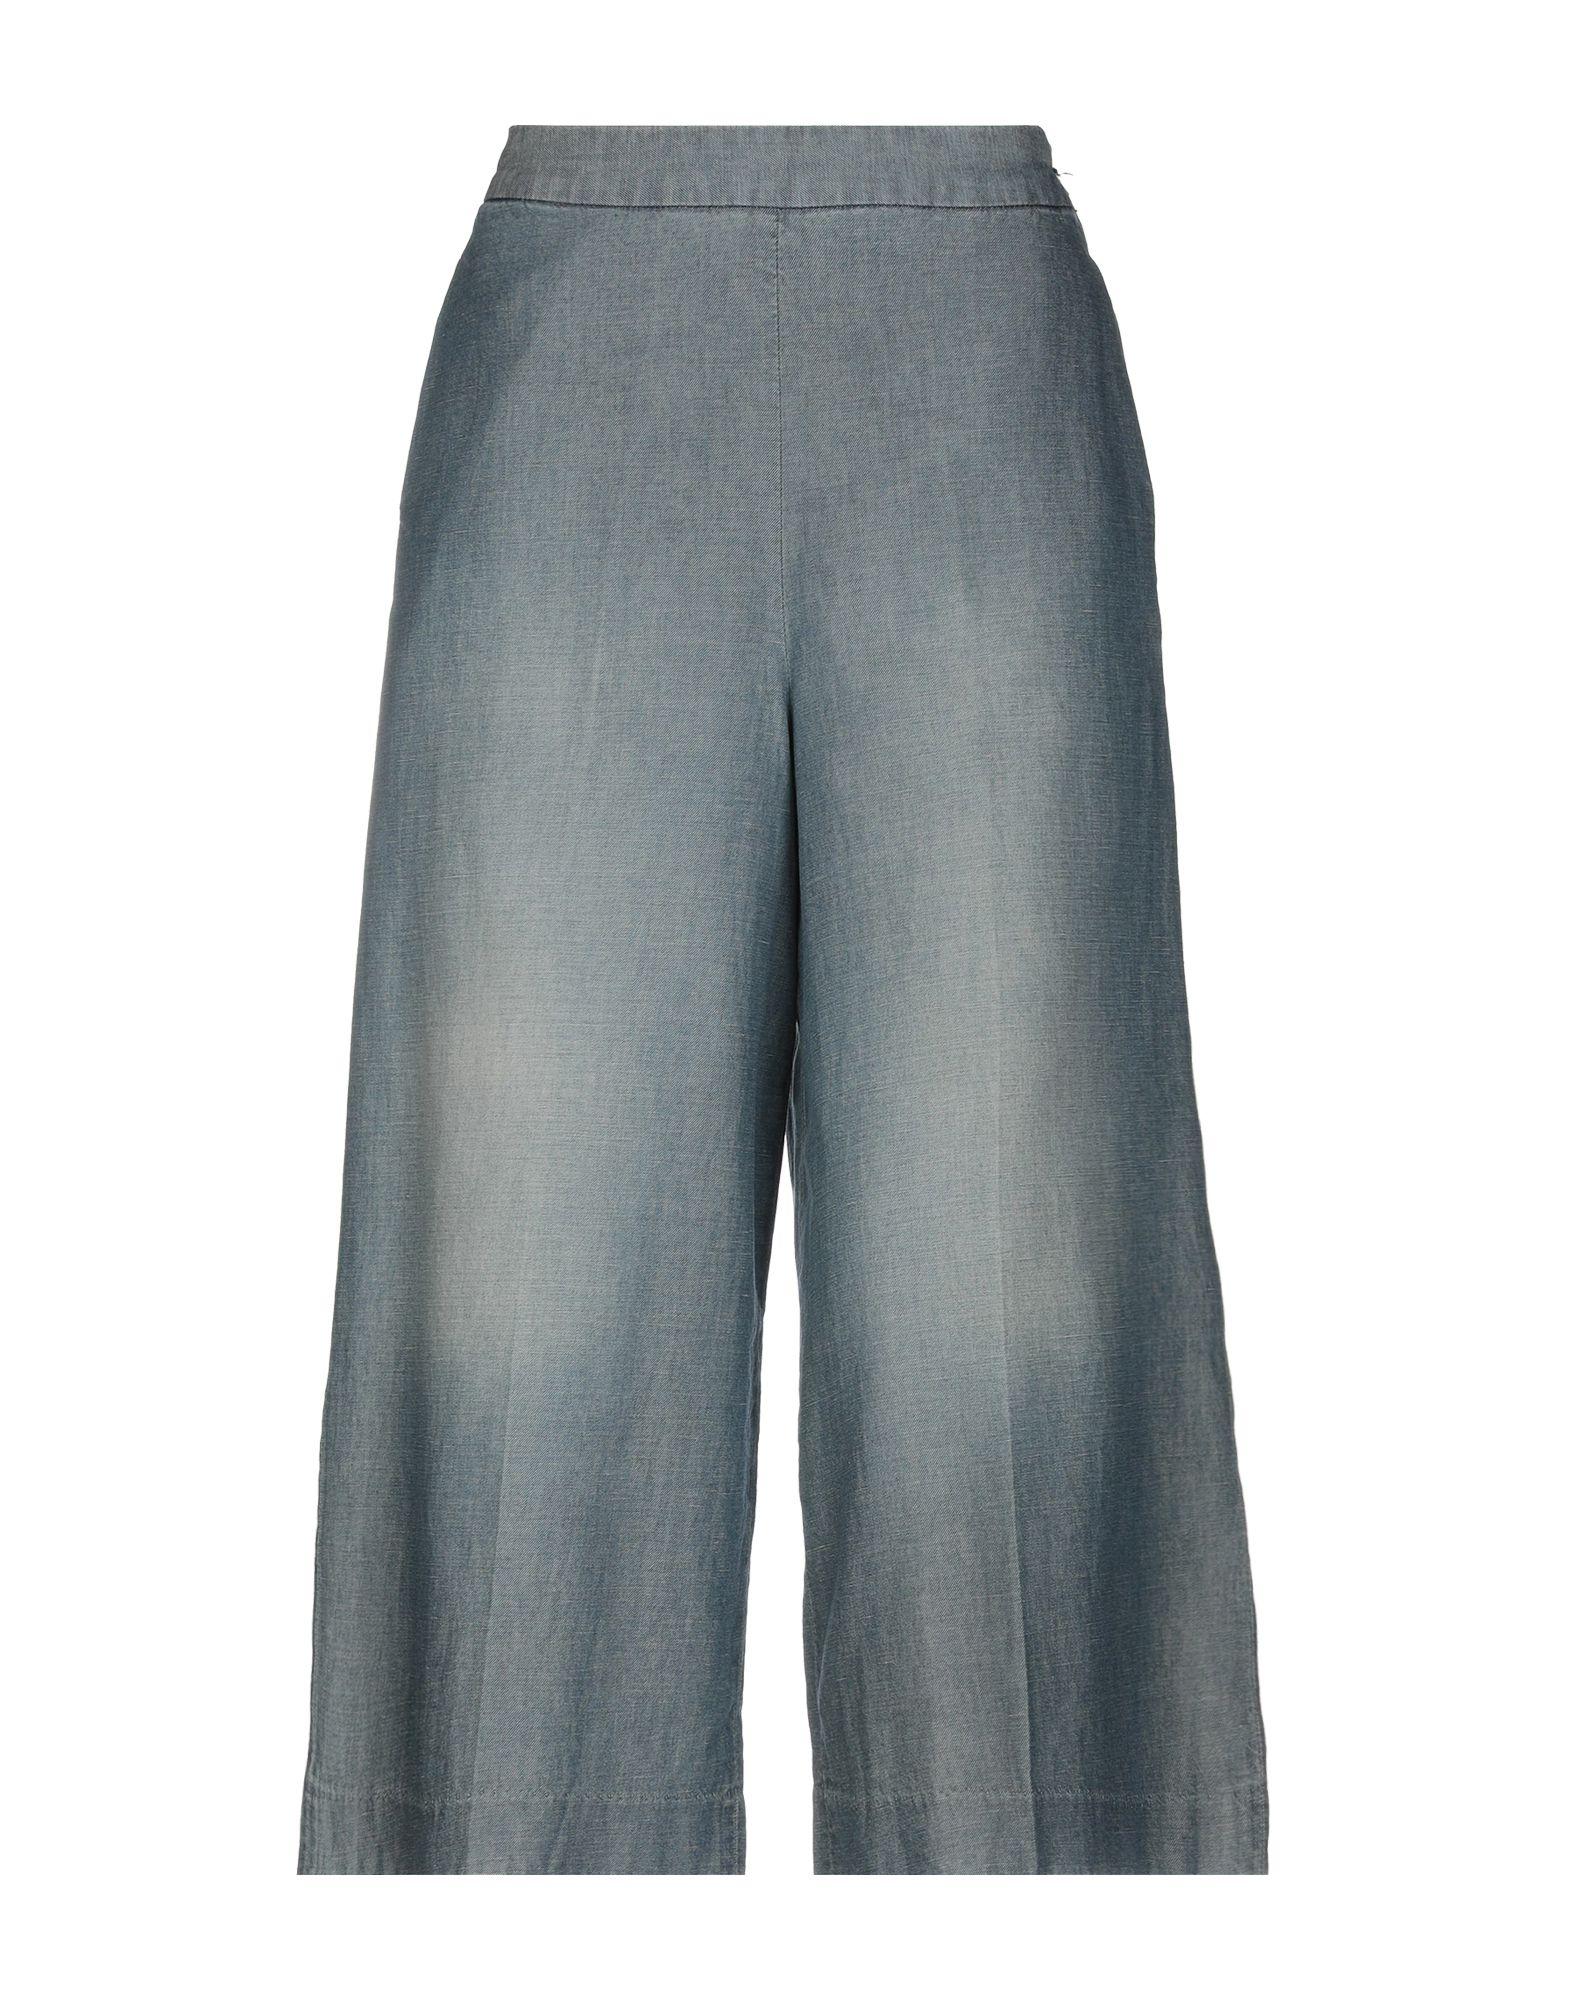 CARE LABEL Джинсовые брюки-капри care label джинсовые брюки